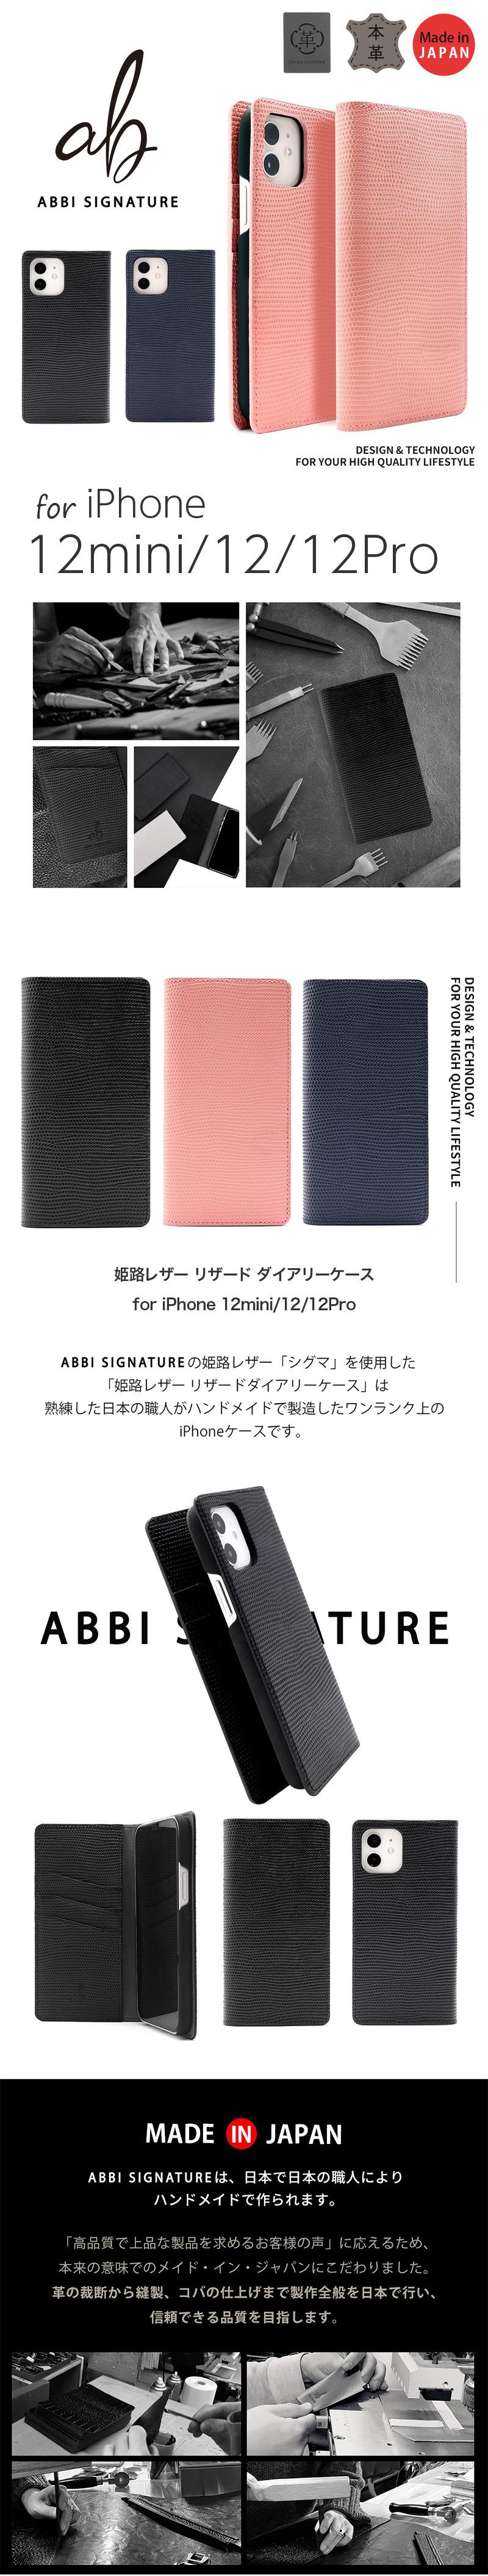 ABBI SIGNATUREの姫路レザー「シグマ」を使用した「姫路レザー リザードダイアリーケース」は熟練した日本の職人がハンドメイドで製造したワンランク上のiPhoneケースです。